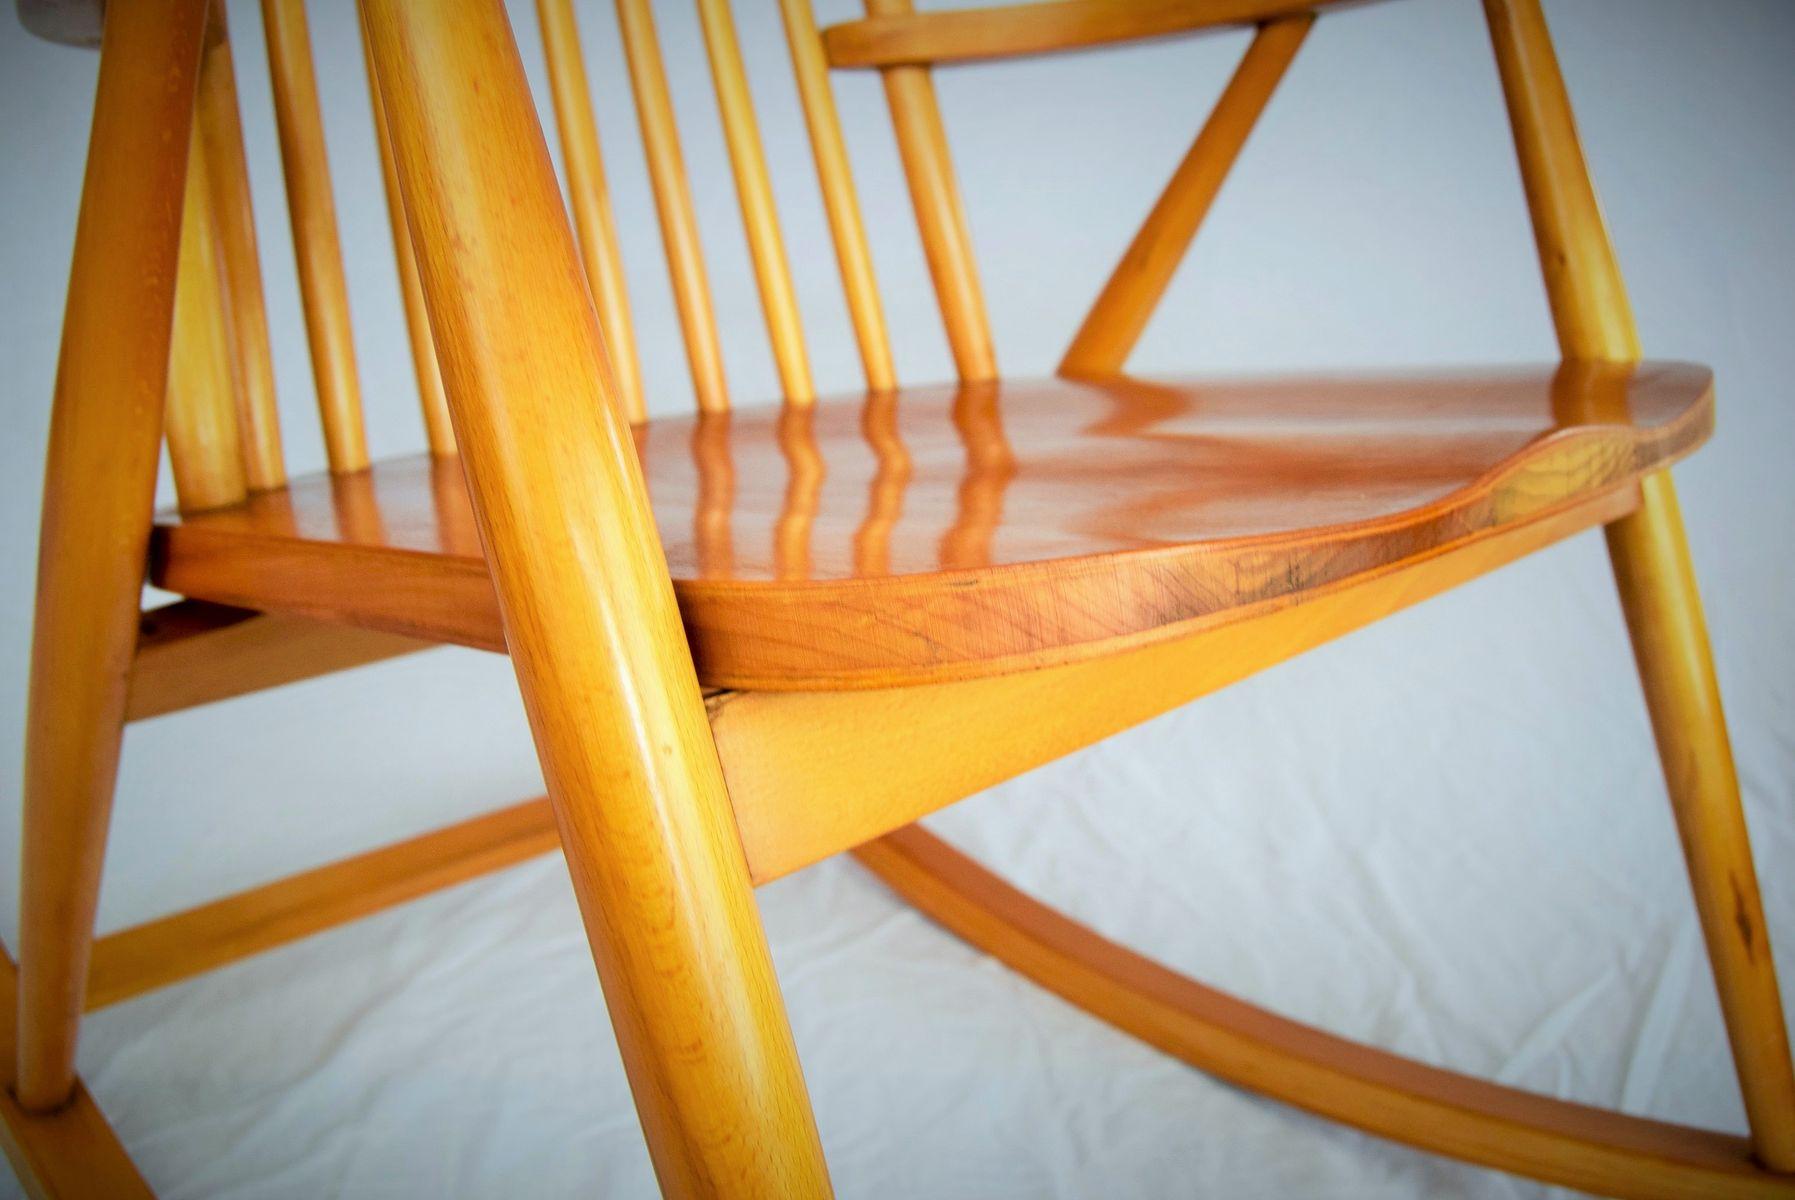 finnischer schaukelstuhl von varjosen puunjalostus f r uusikyl 1965 bei pamono kaufen. Black Bedroom Furniture Sets. Home Design Ideas